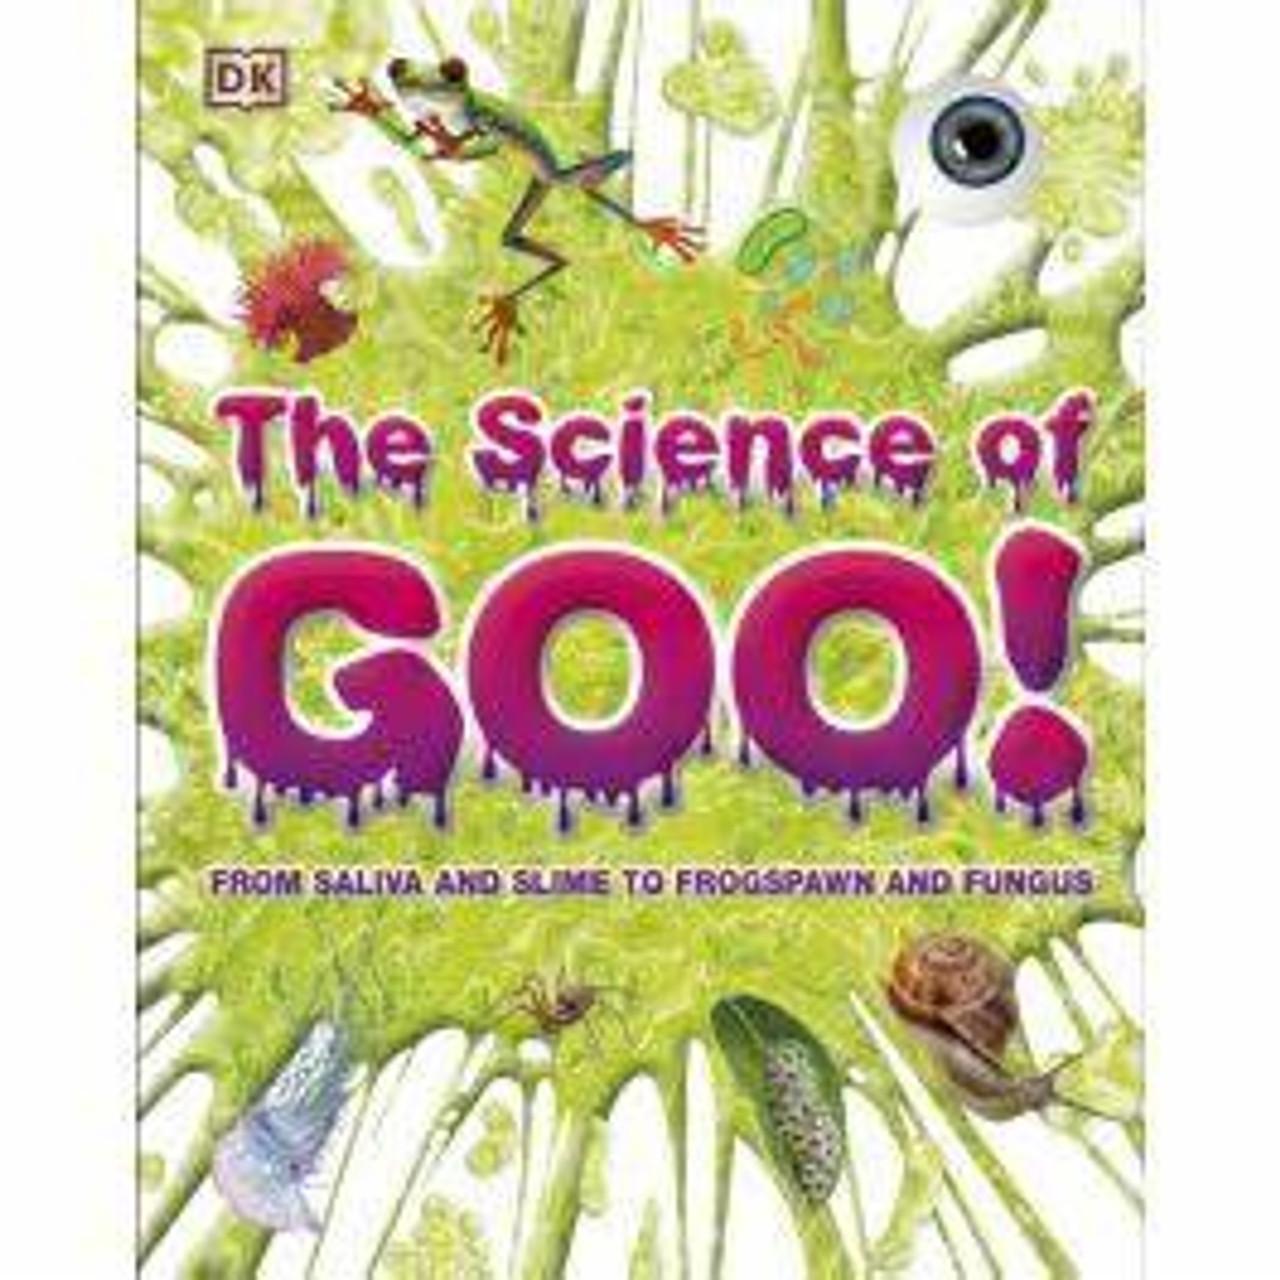 DK SCIENCE OF GOO!